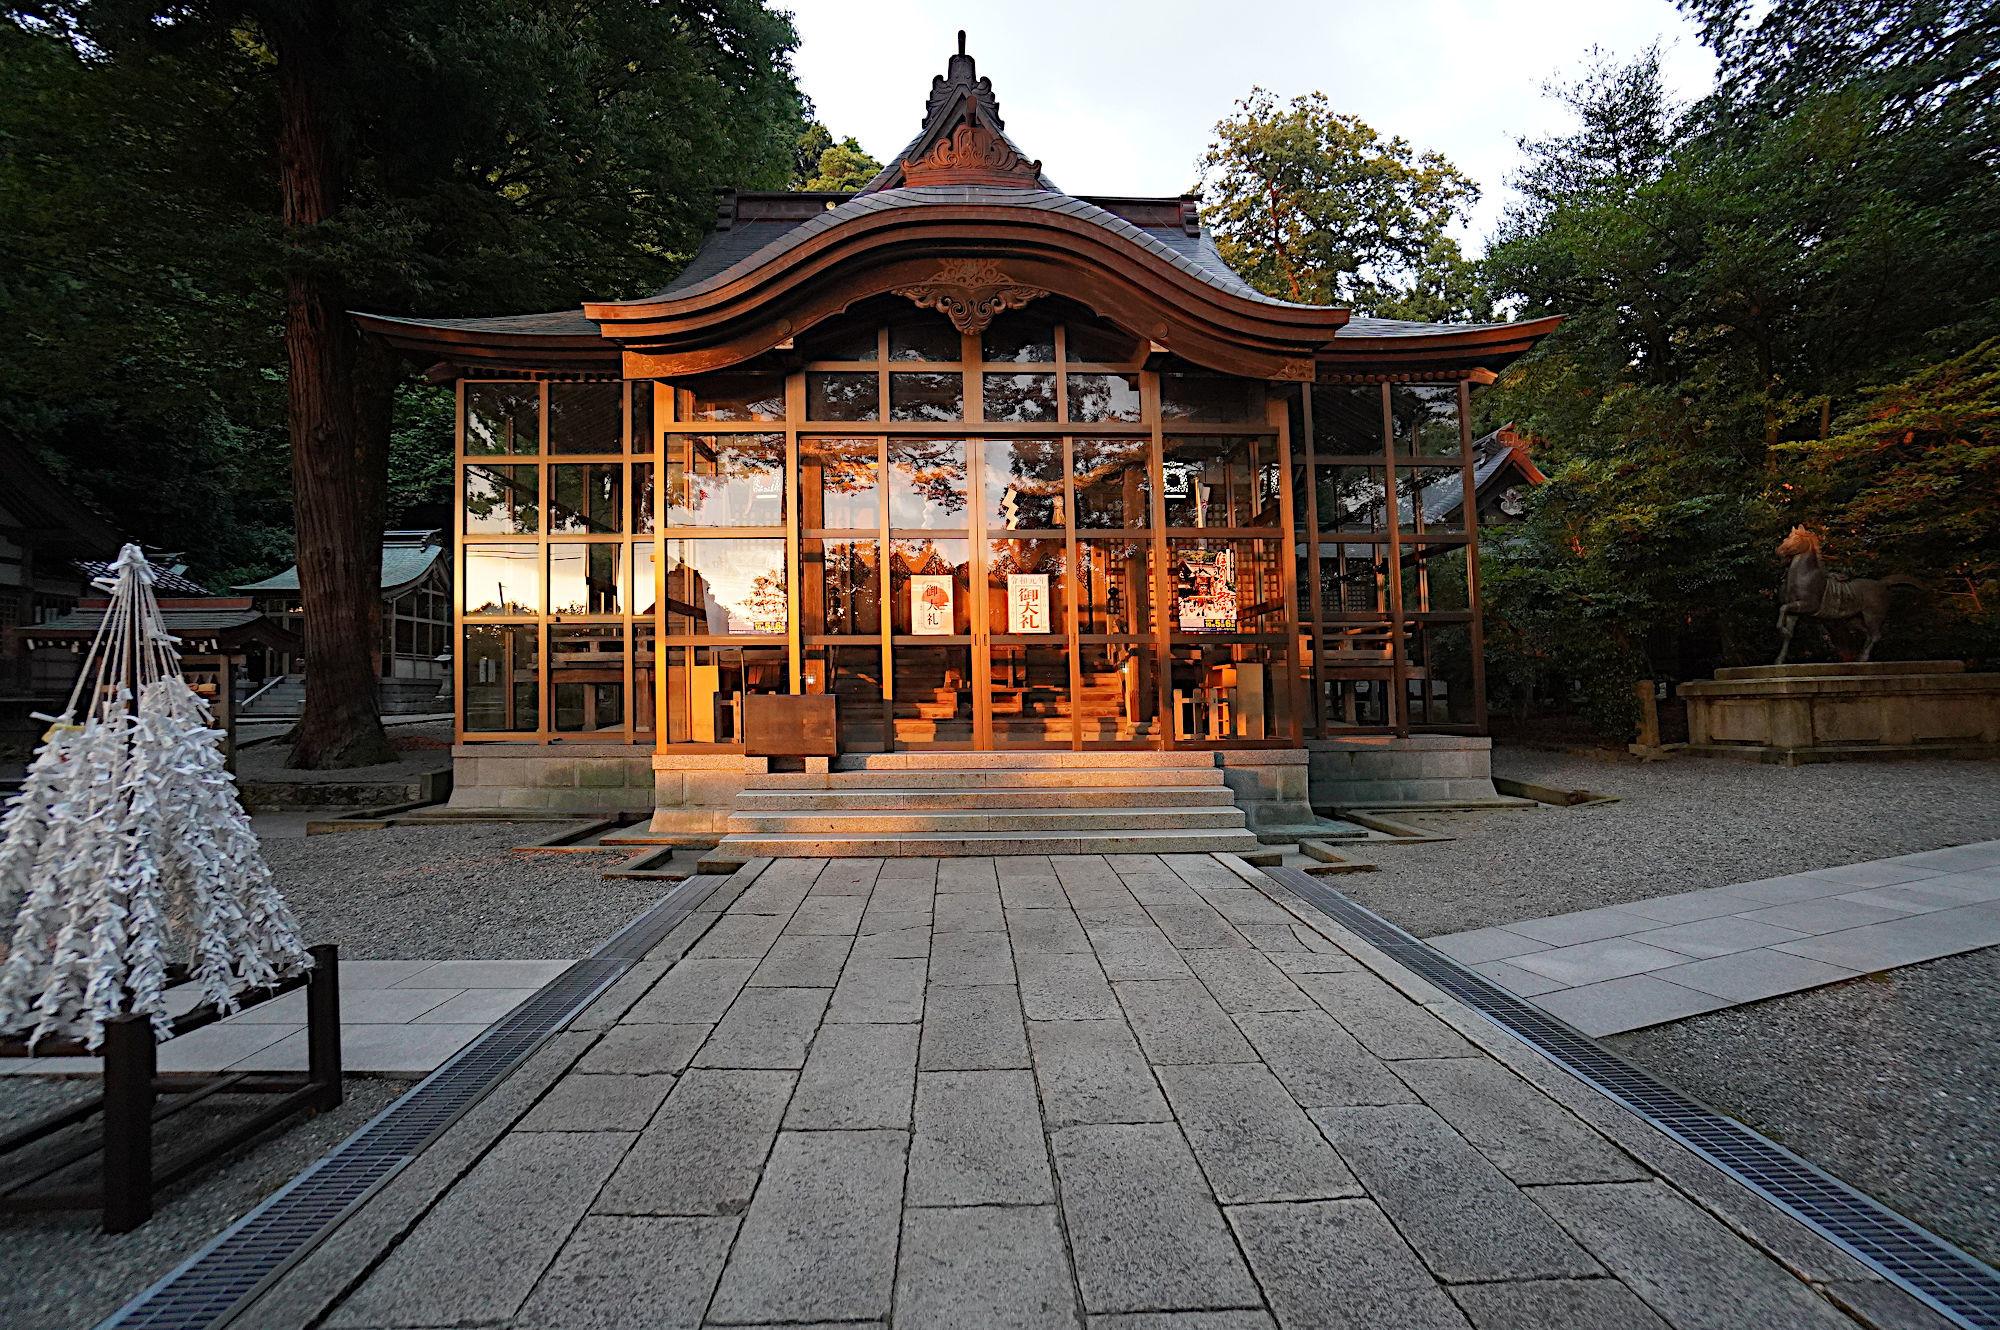 夕日の当たる拝殿